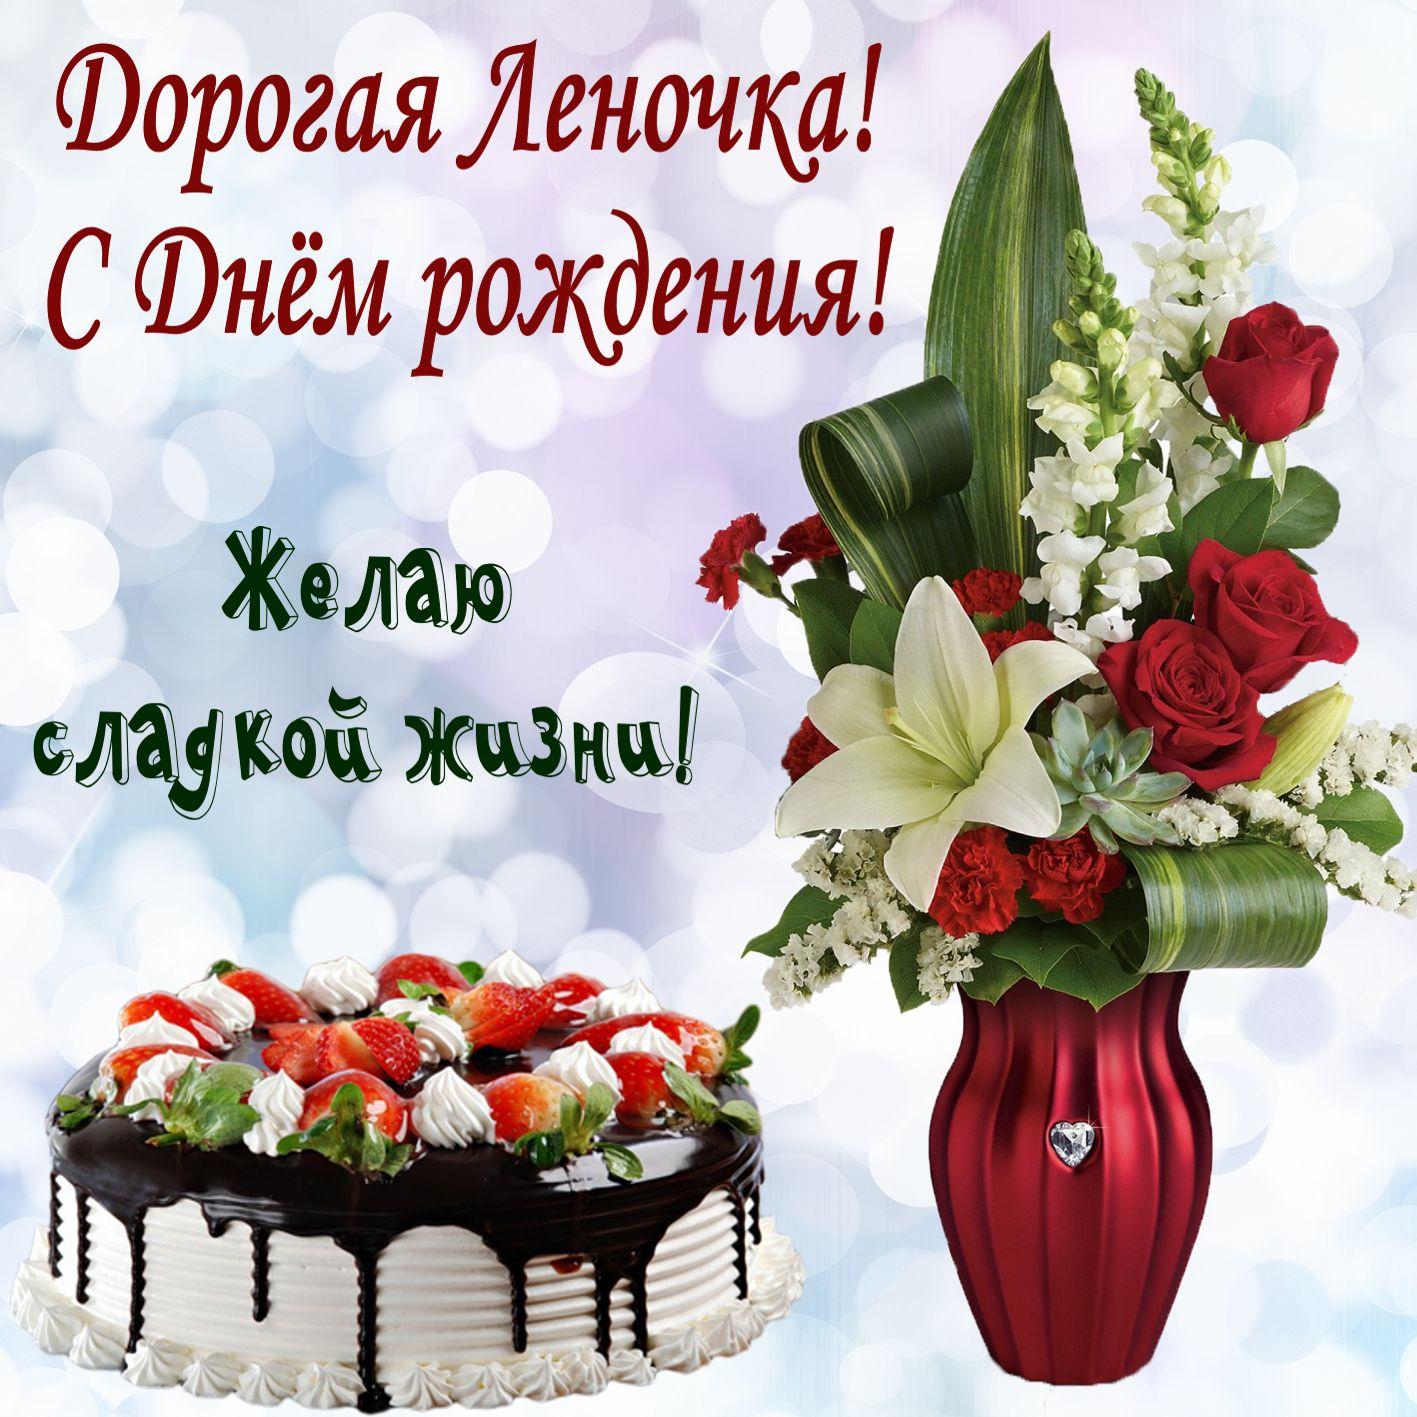 Открытка с тортом и букетом цветов Леночке